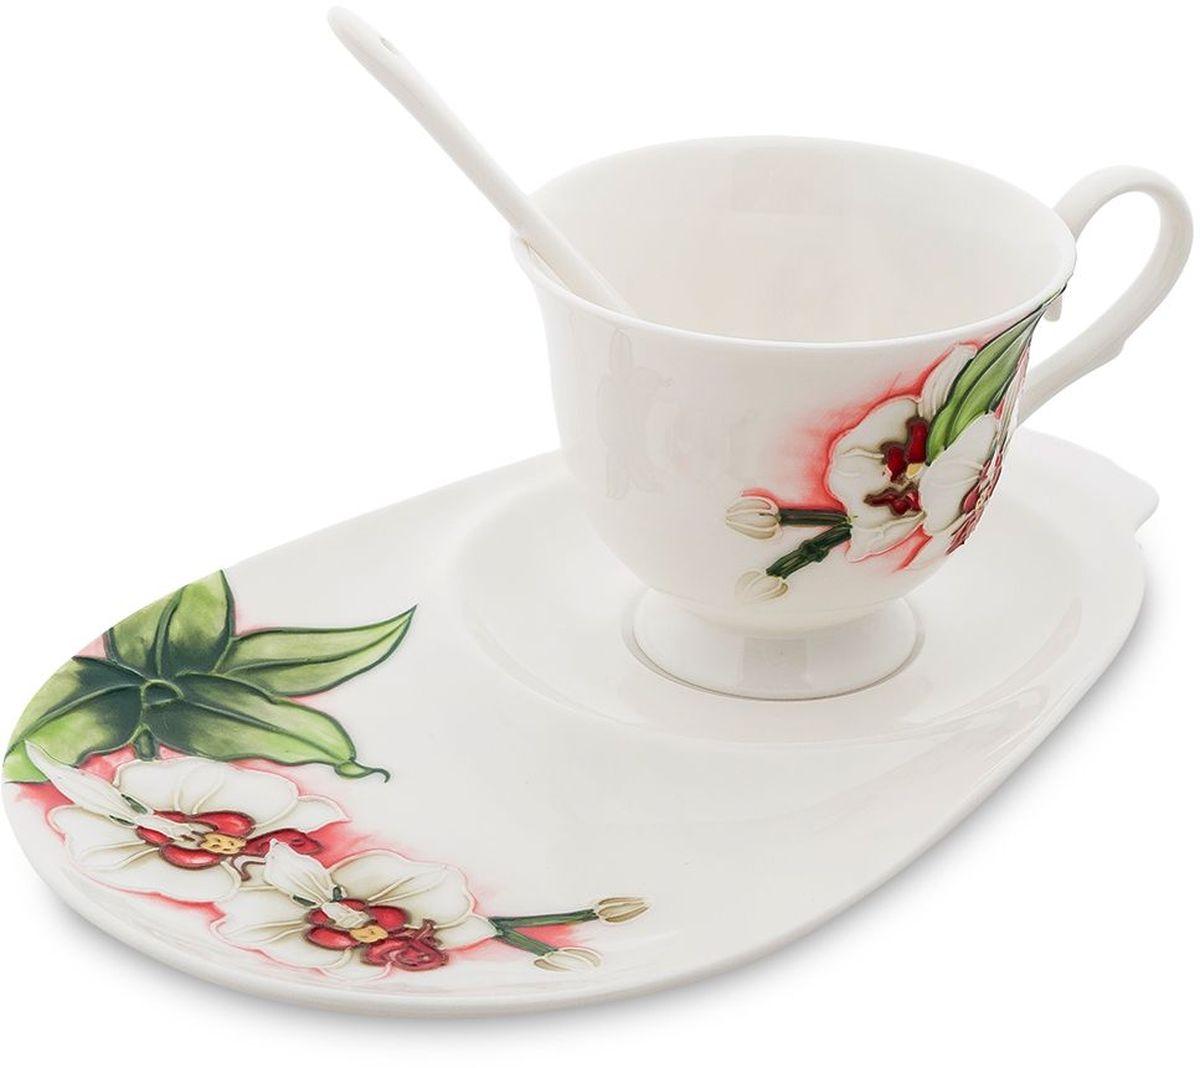 Чайная пара Pavone Королевская орхидея, 3 предмета. 45161254 009305Объем чашки: 250 мл Длина блюдца: 23 см